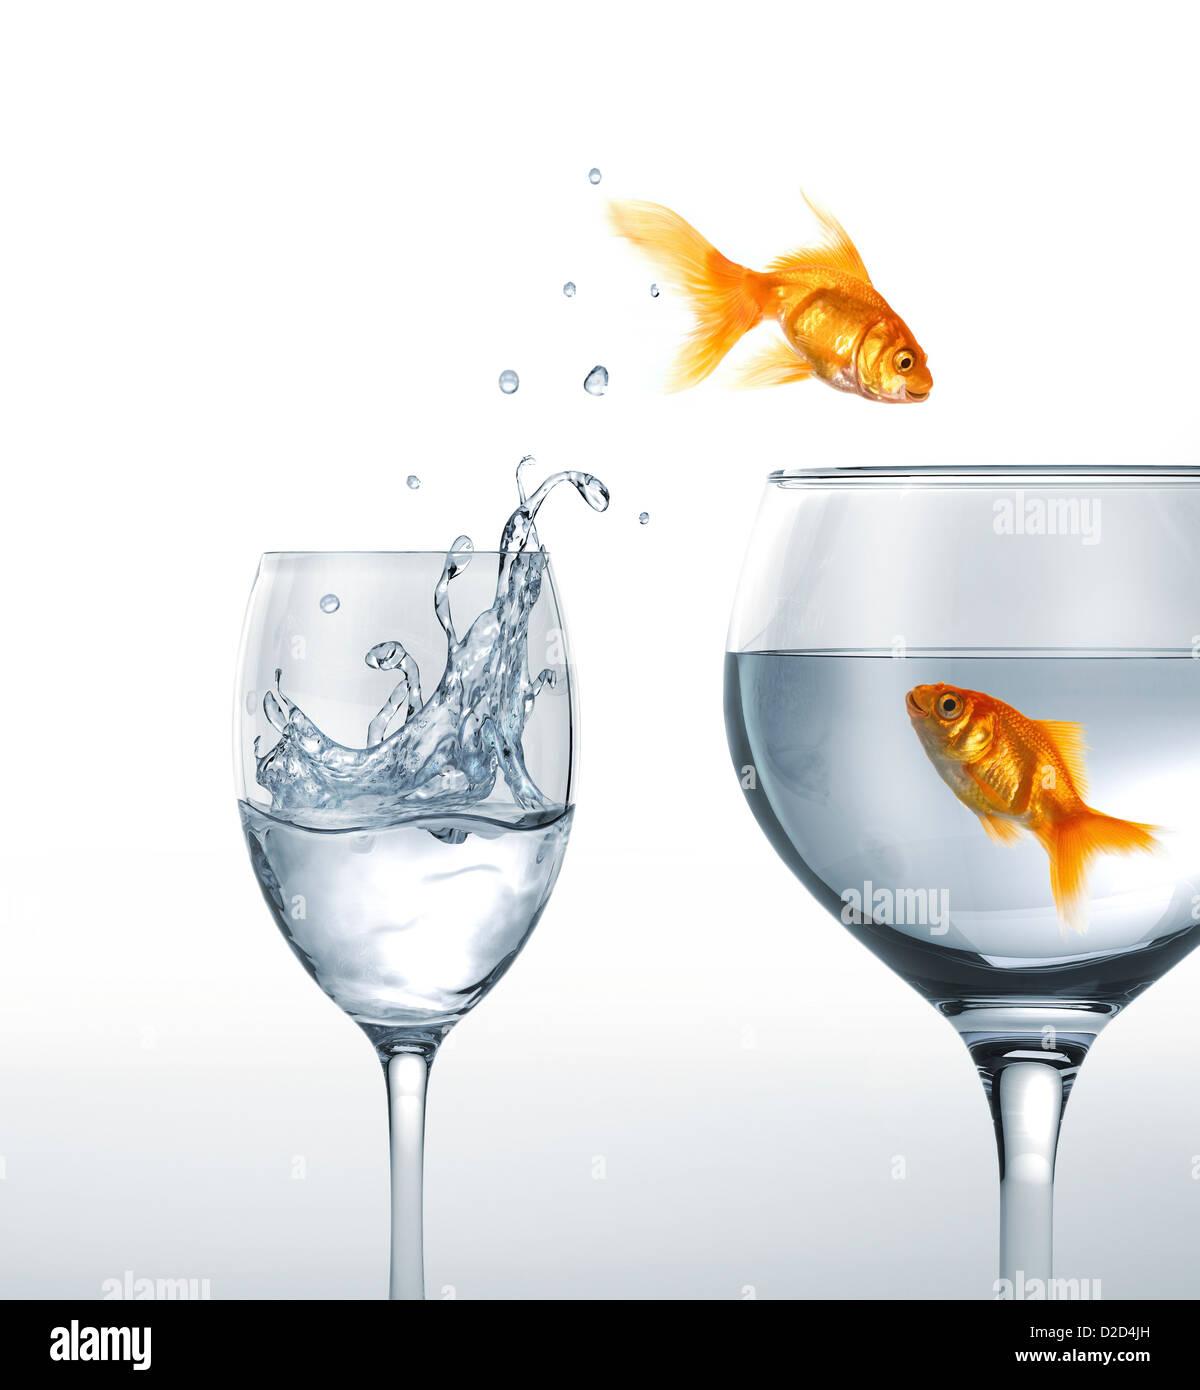 Springender Goldfisch Kunstwerk Stockbild